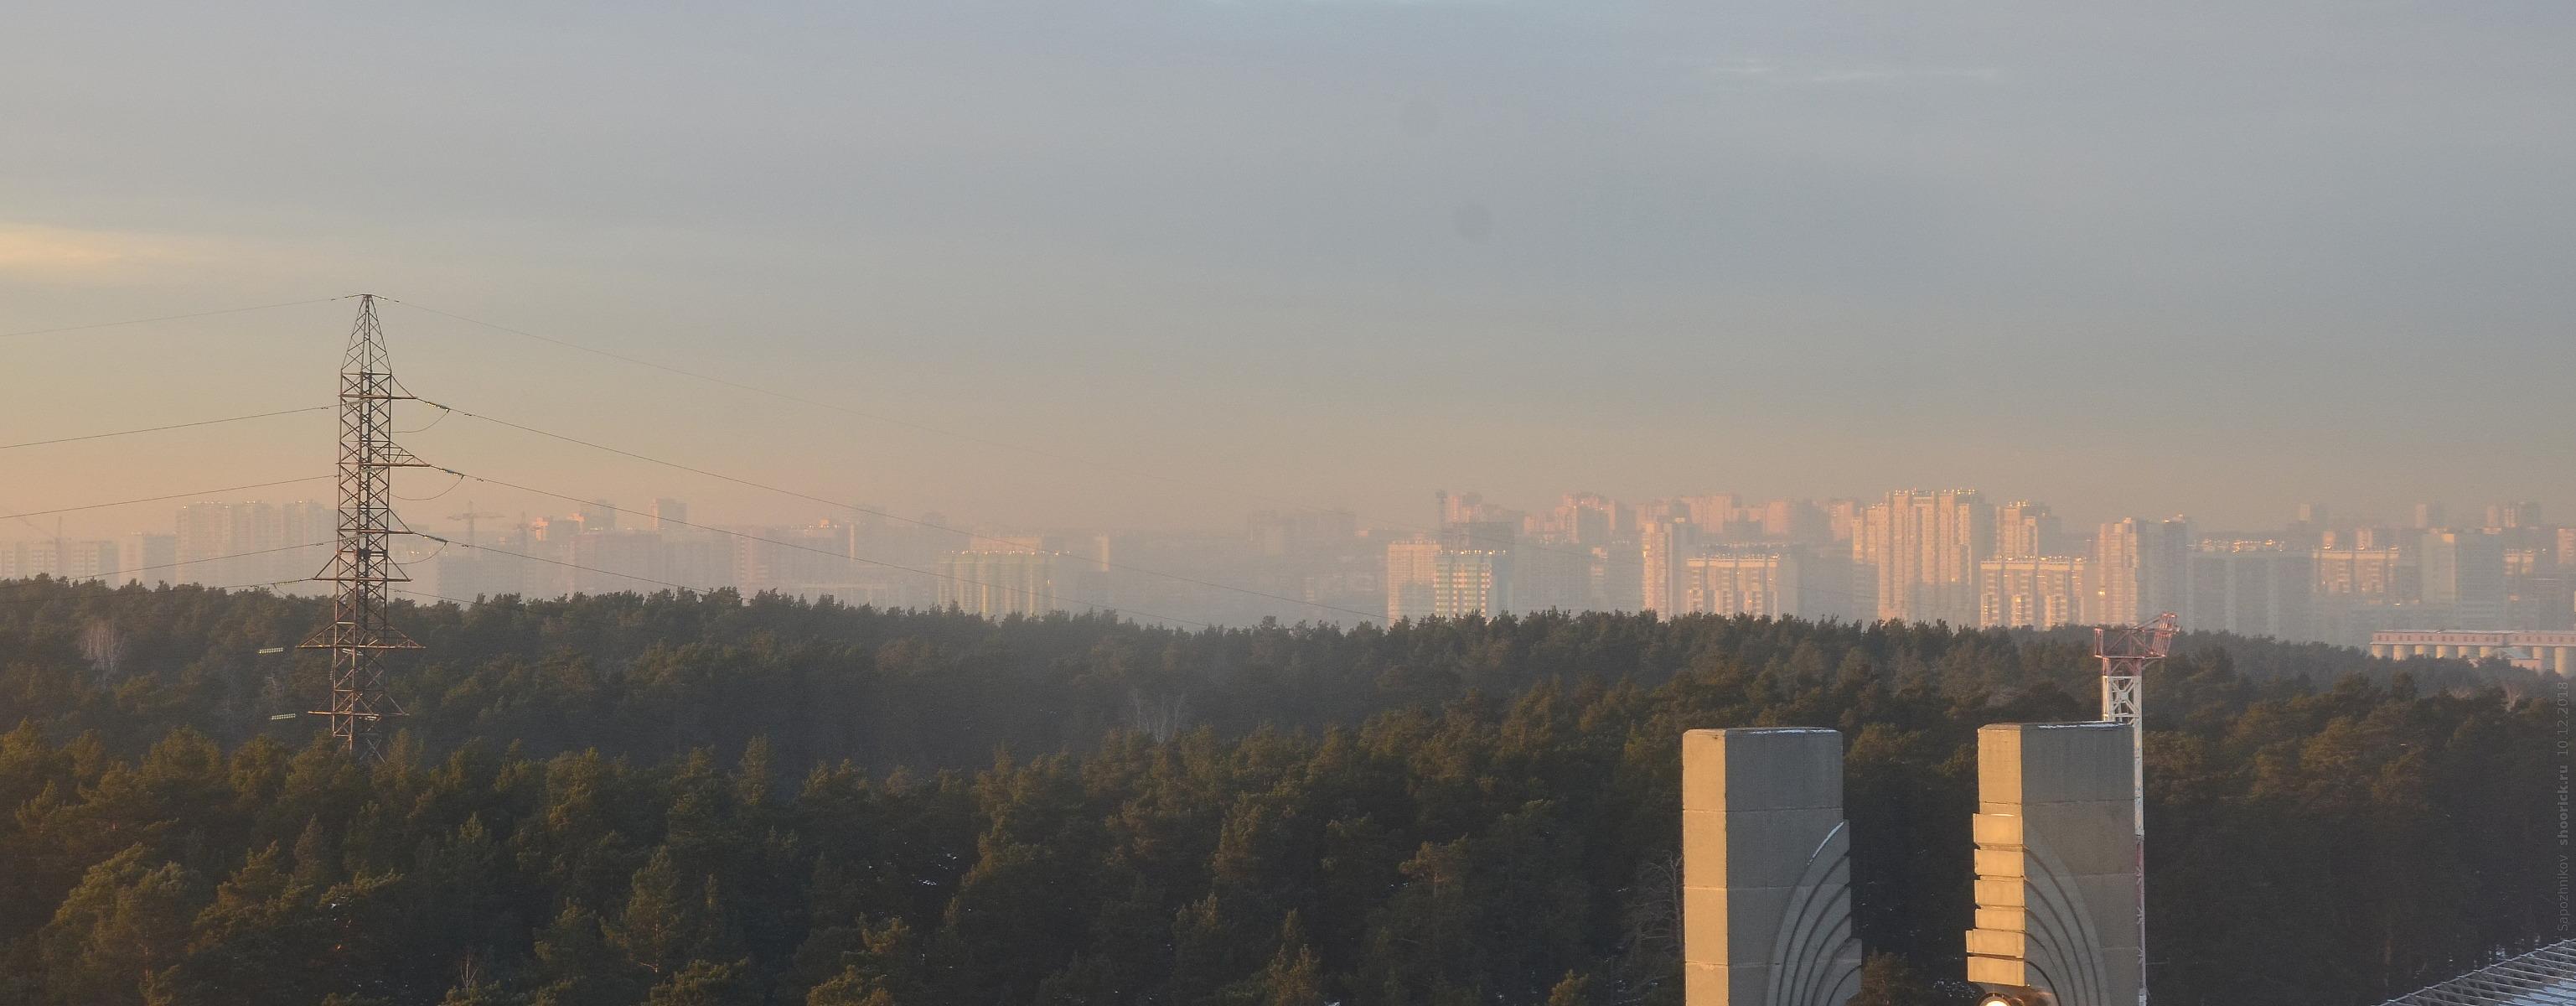 Северо-Запад и городской бор